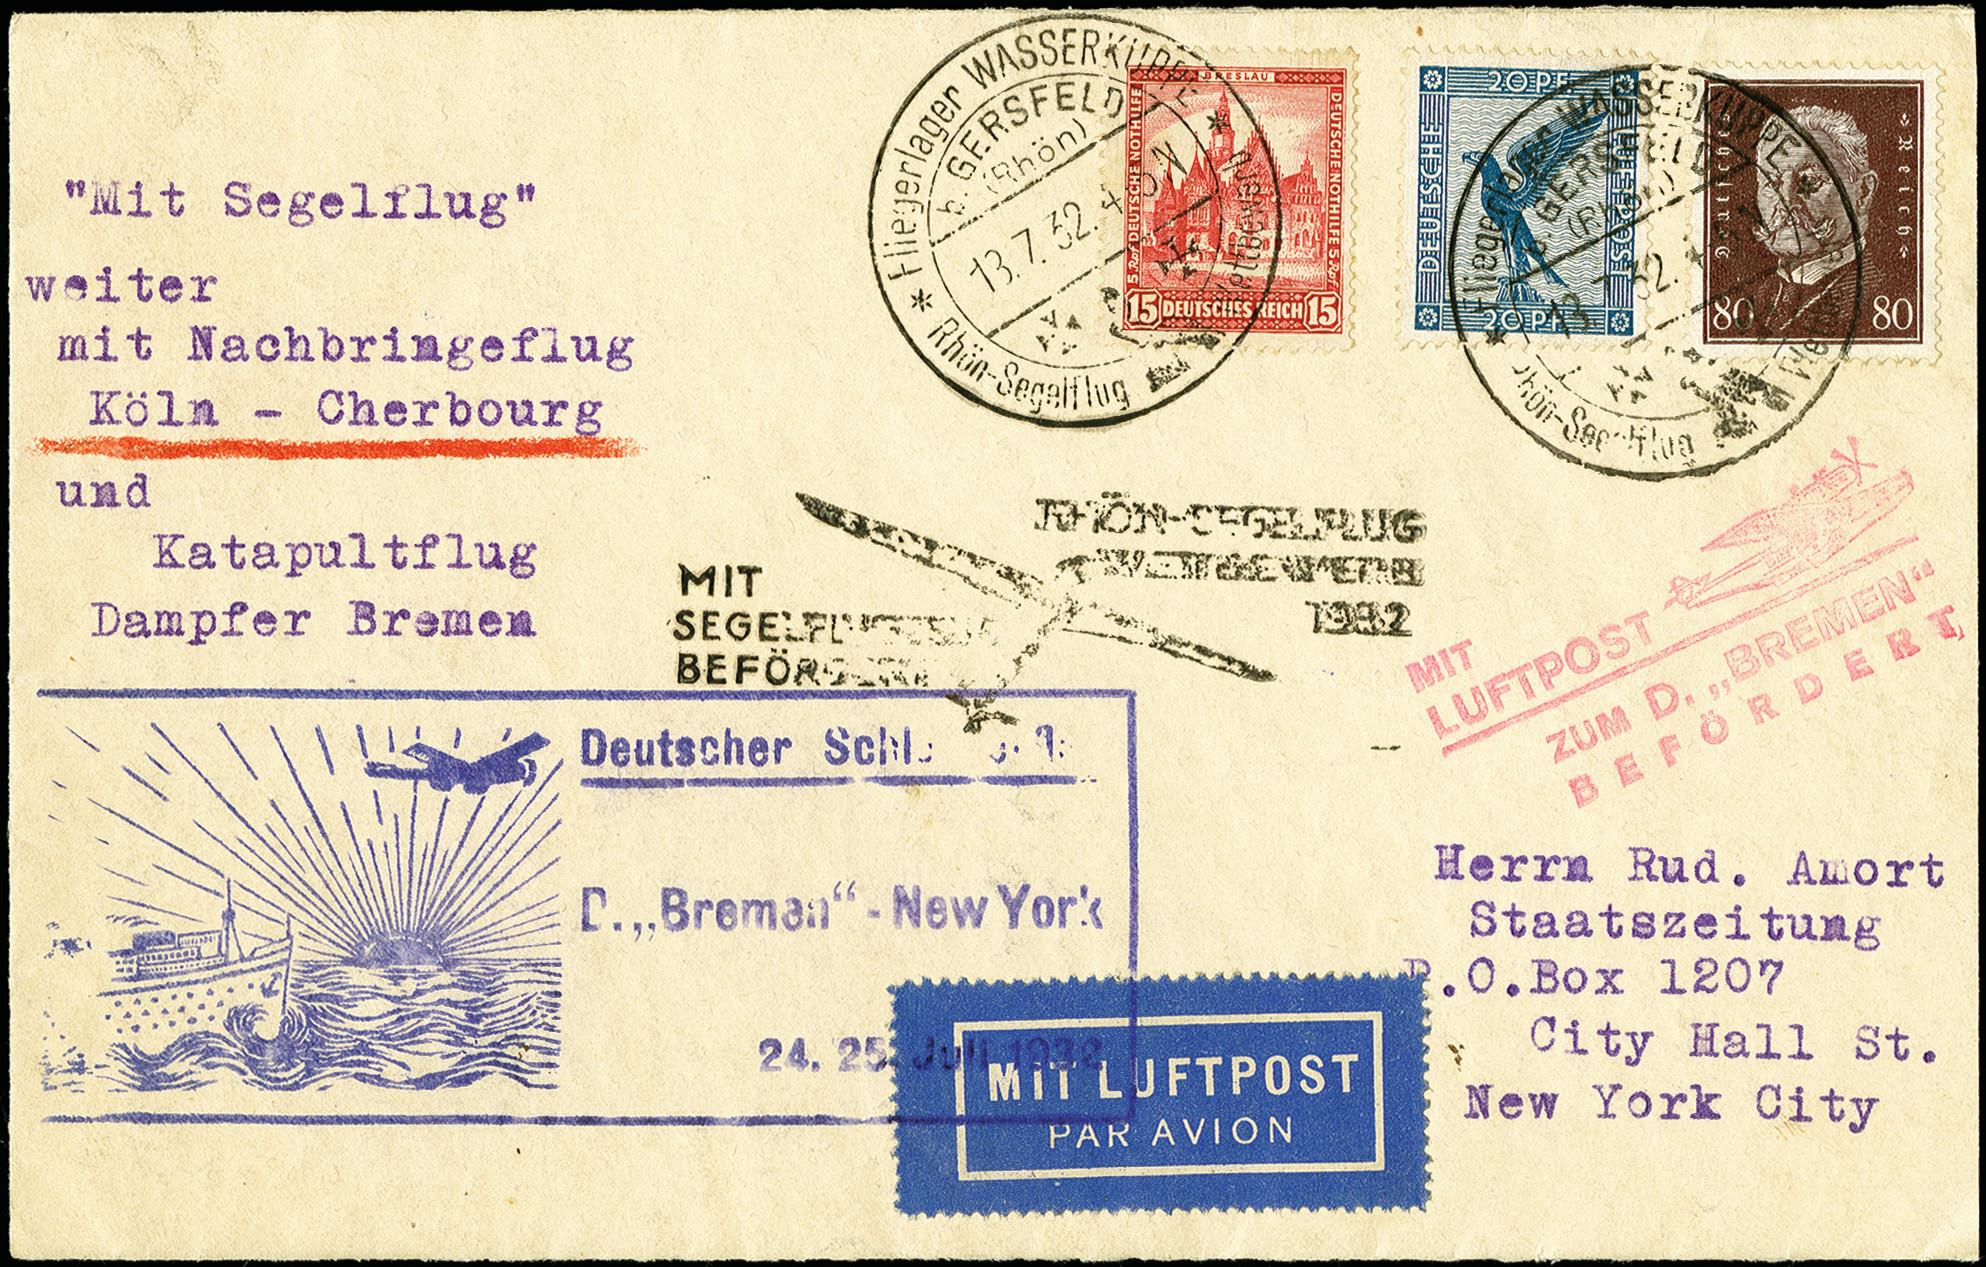 Lot 2302 - luftpost catapult post -  Heinrich Koehler Auktionen 375rd Heinrich Köhler auction - Day 1